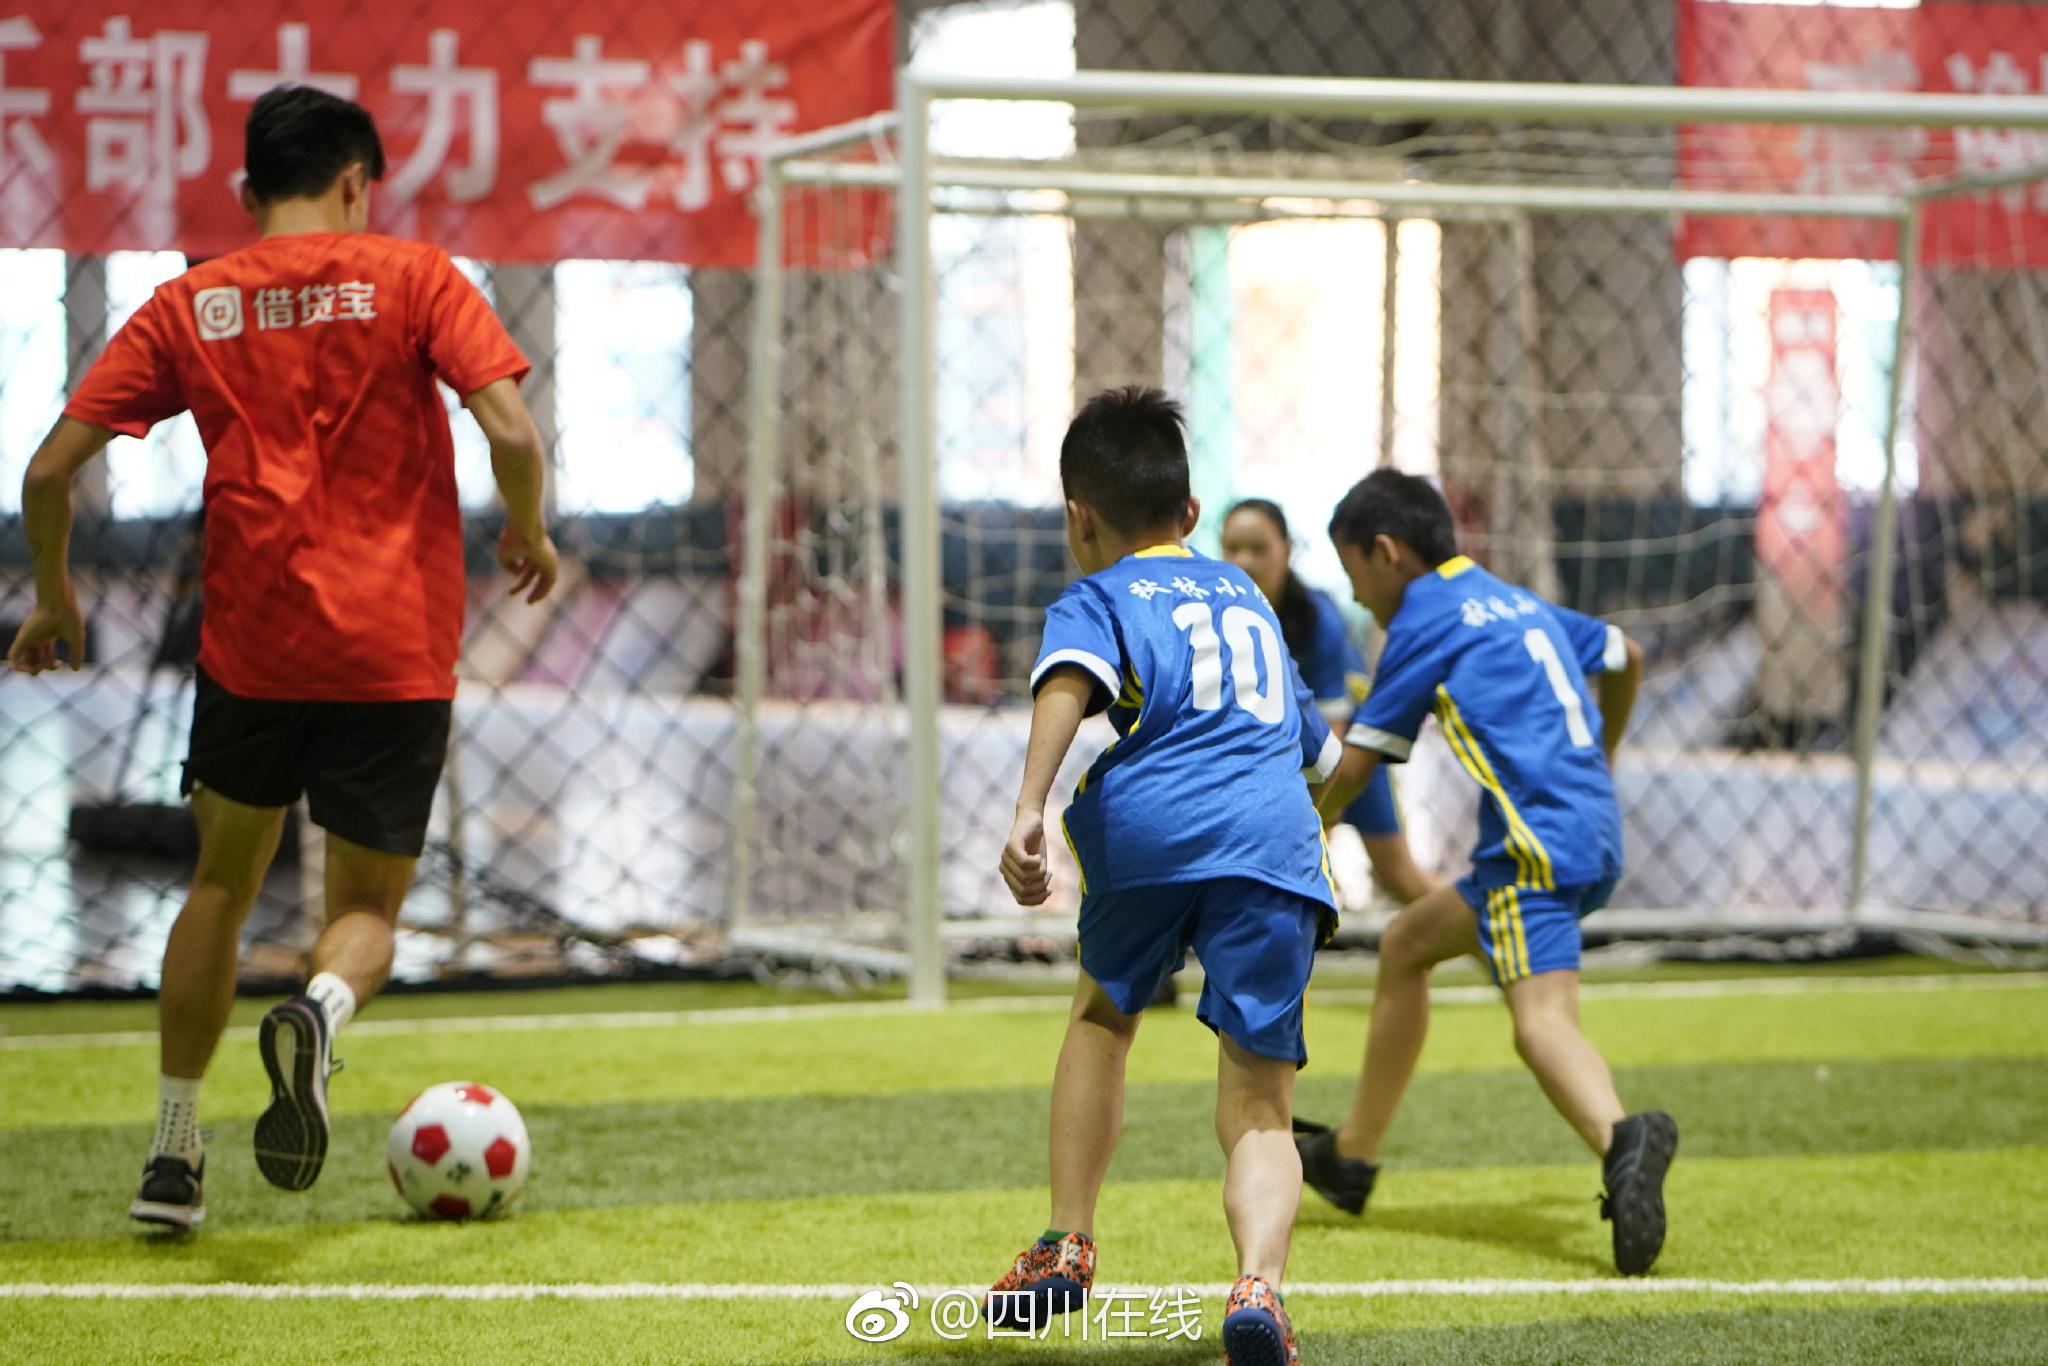 [广告]穷孩子才是中国足球的希望,贫困山区兼